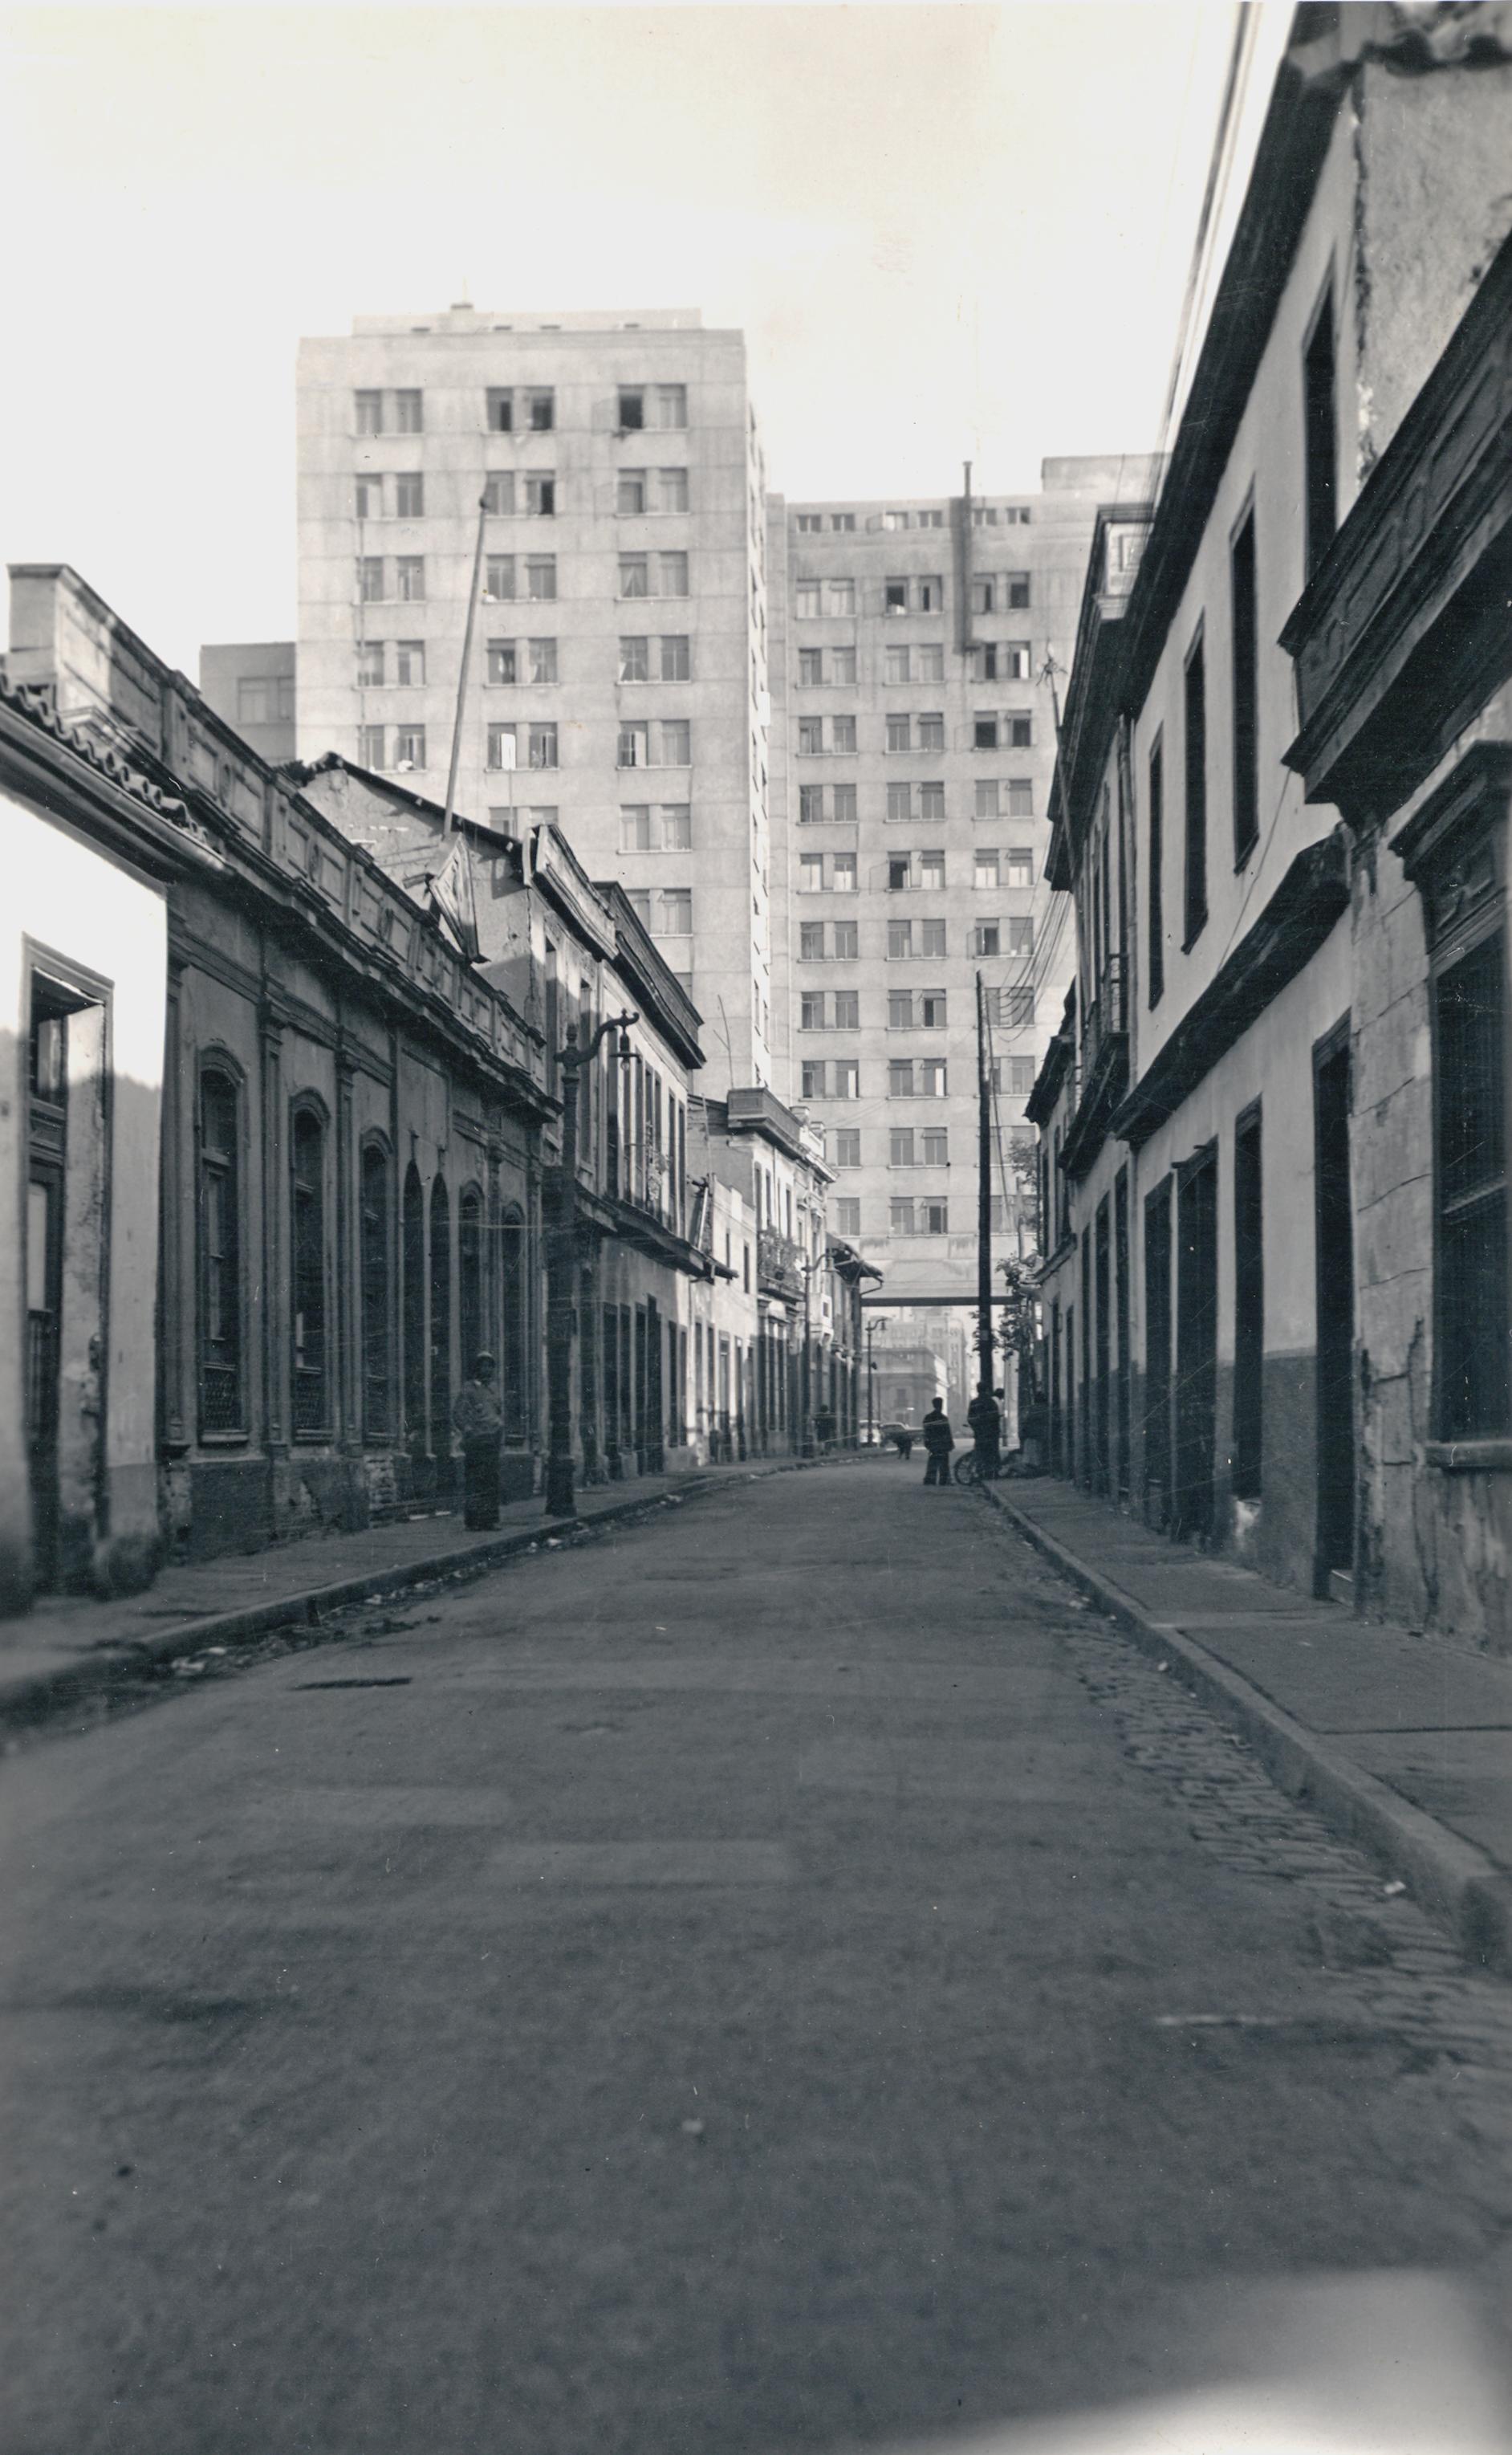 Enterreno - Fotos históricas de chile - fotos antiguas de Chile - Ministerio de Defensa de Santiago en 1940